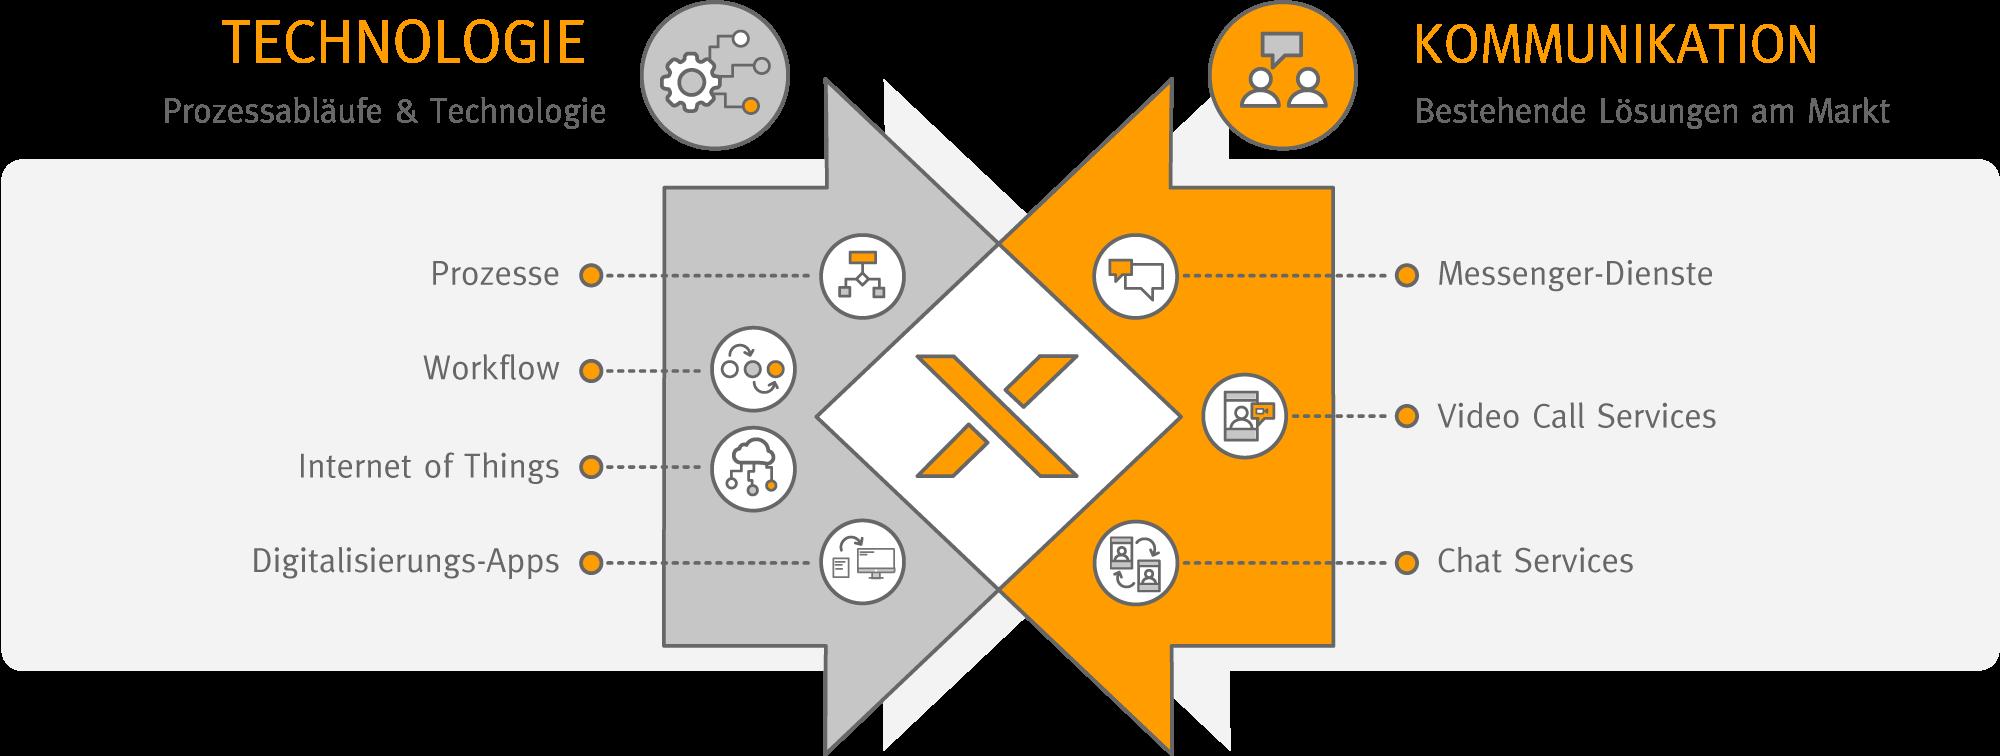 Integration von digitalen Prozessen und Messenger-Diensten für Unternehmen